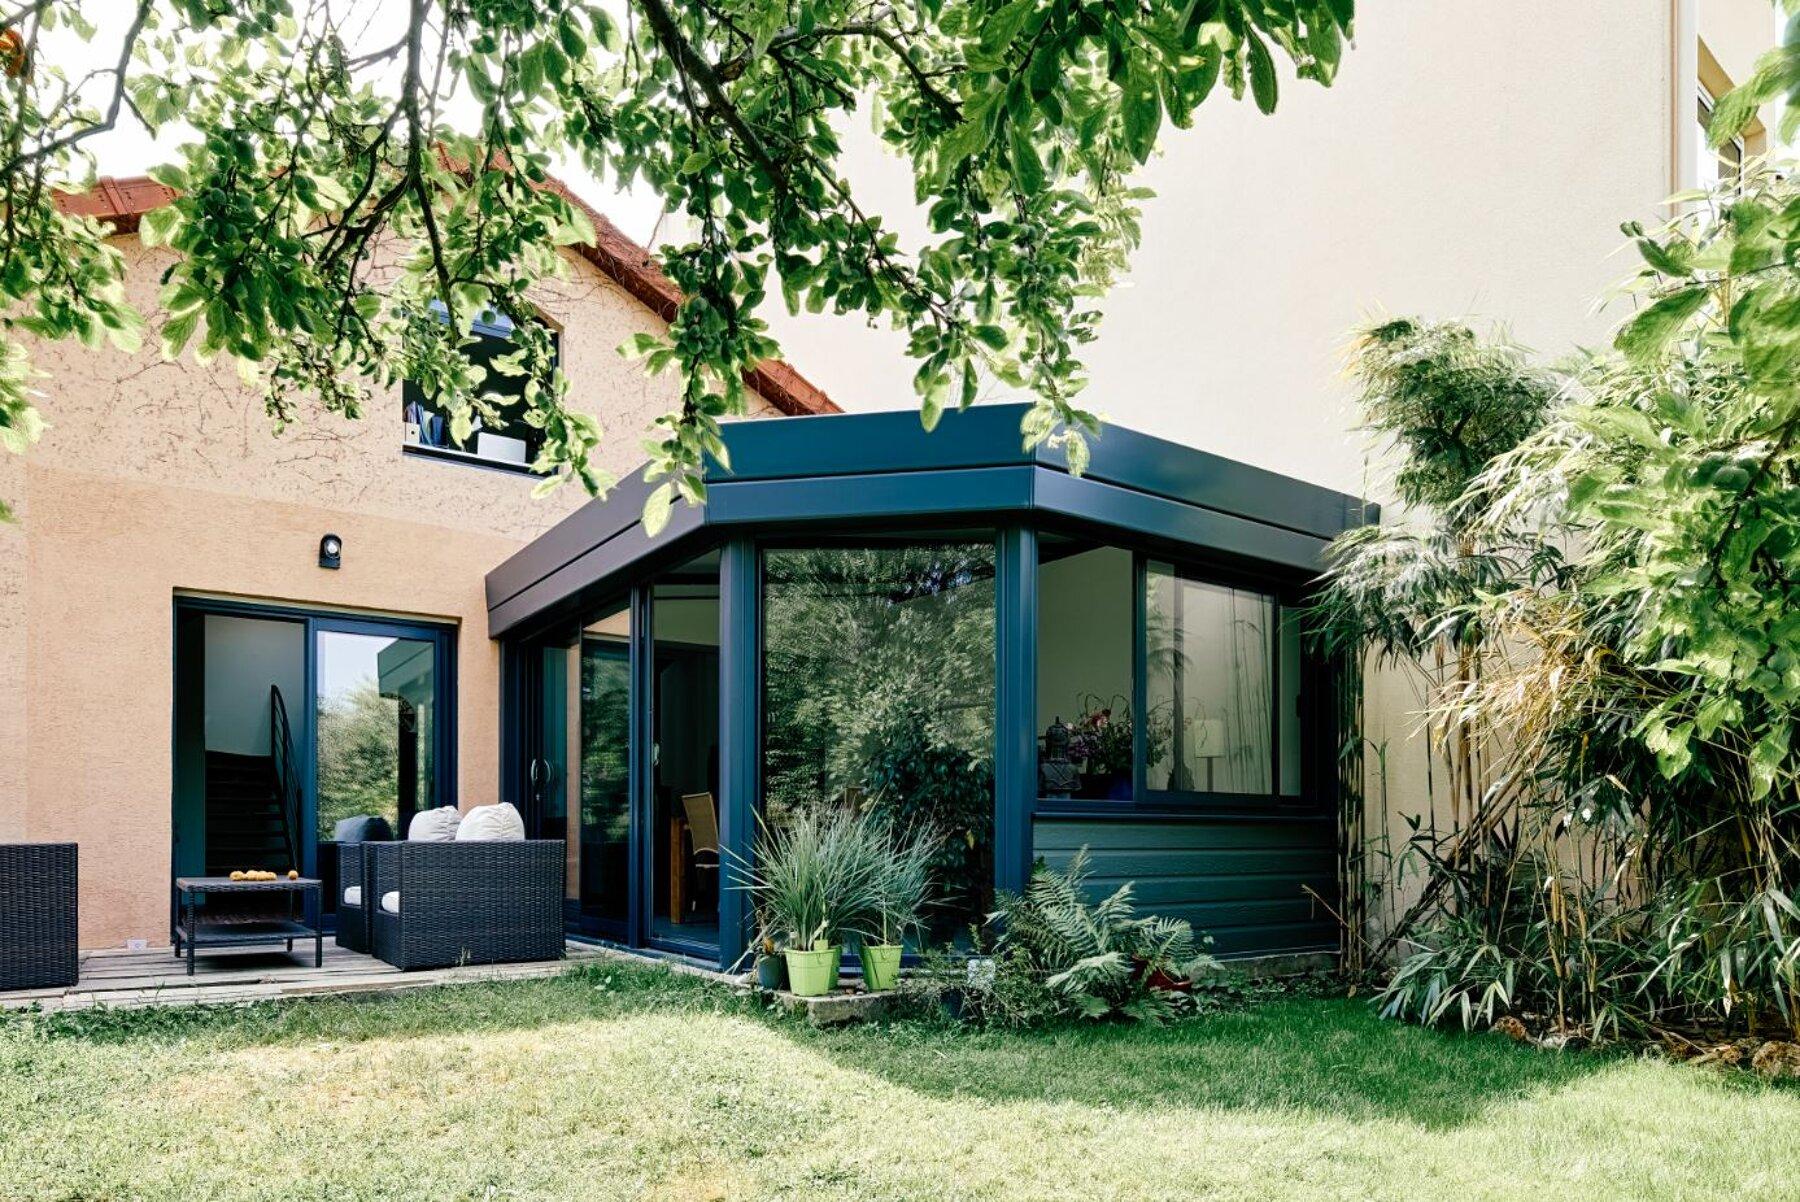 Rénovation / extension d'une maison de ville à Clamart (92)